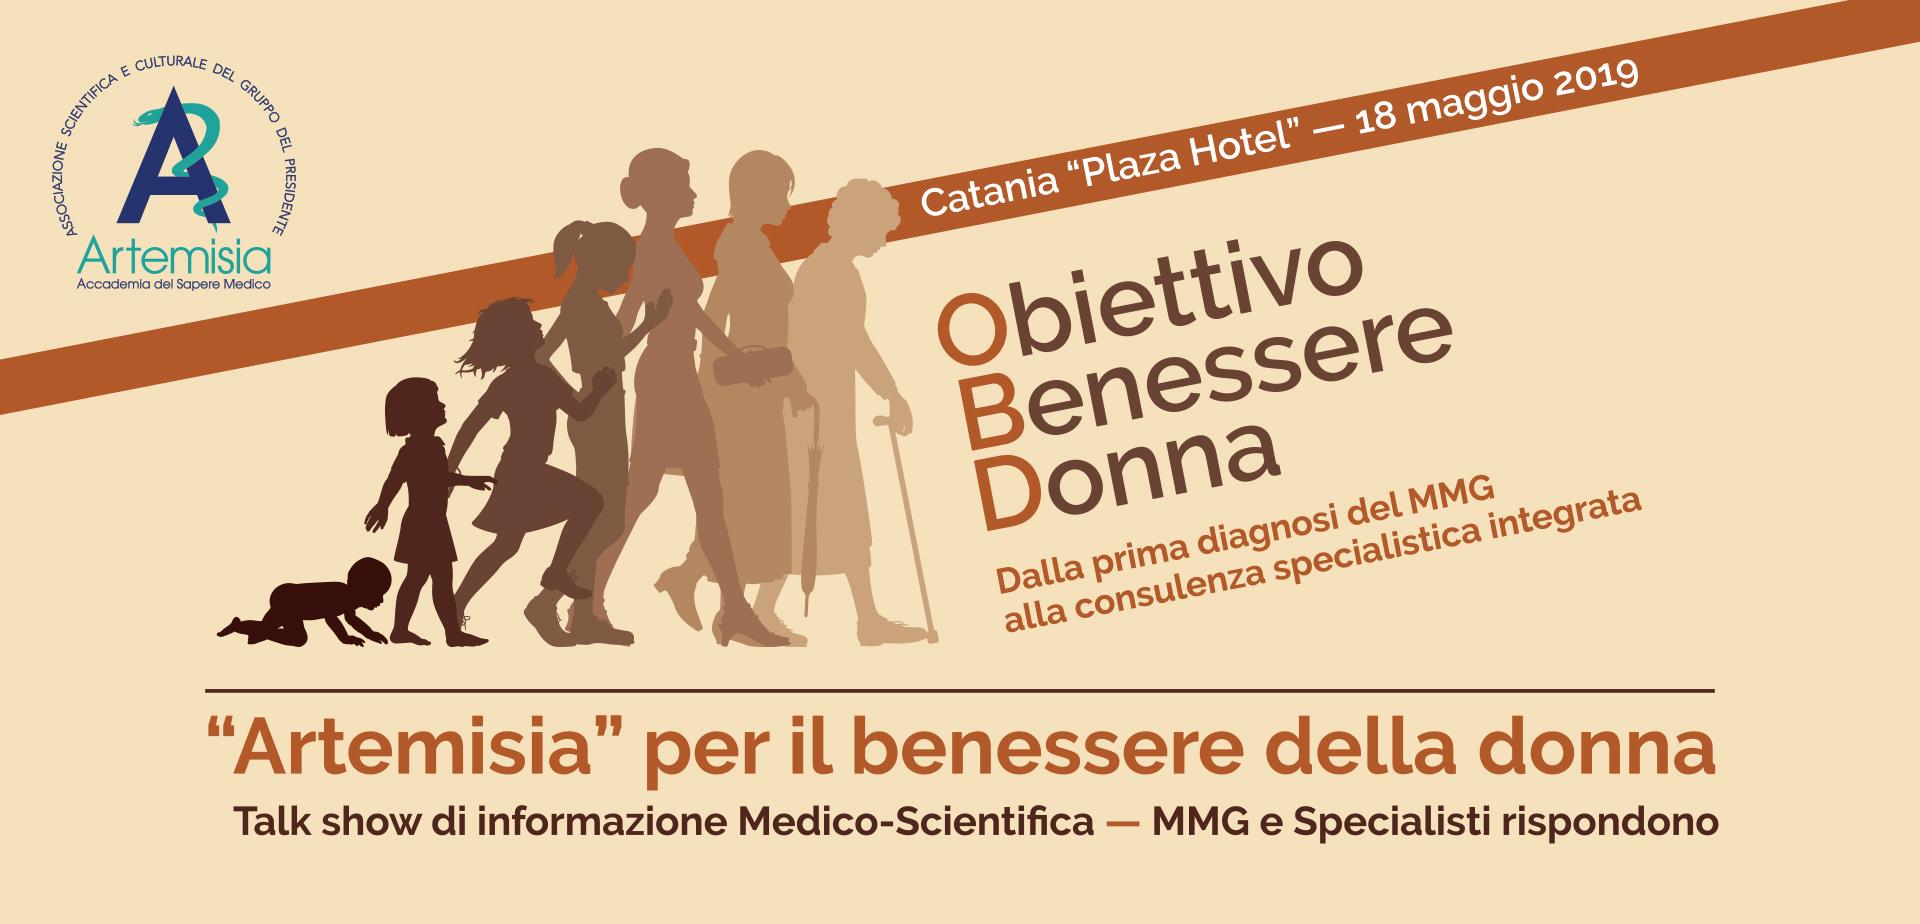 Obiettivo Benessere Donna. Focus dell'Associazione Artemisia su prevenzione, diagnosi e cura delle patologia femminili